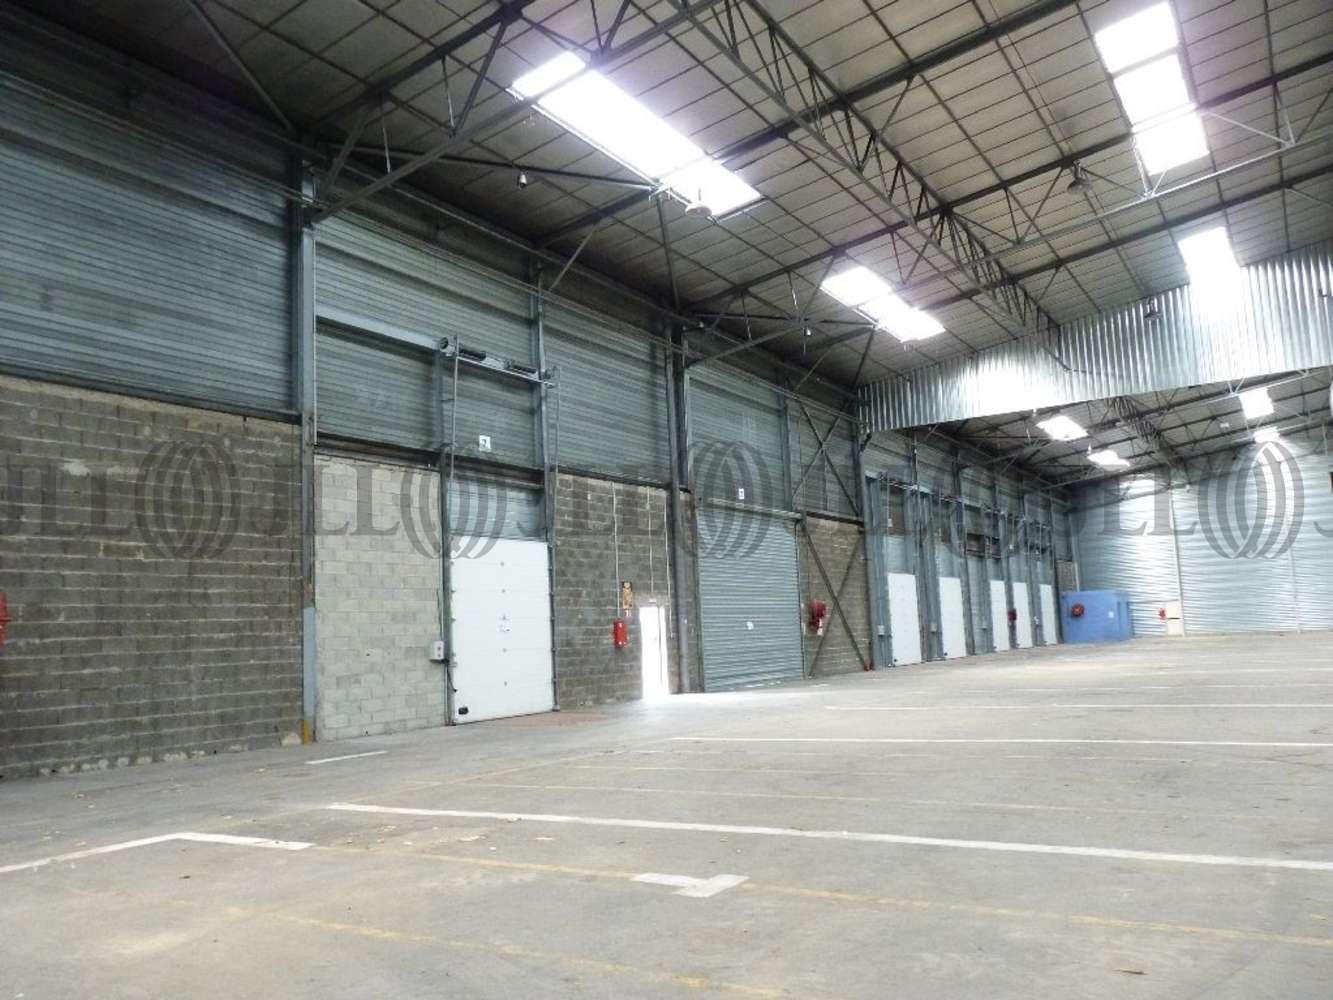 Activités/entrepôt Arnas, 69400 - Location entrepôt Lyon - Transporteur - 9920252